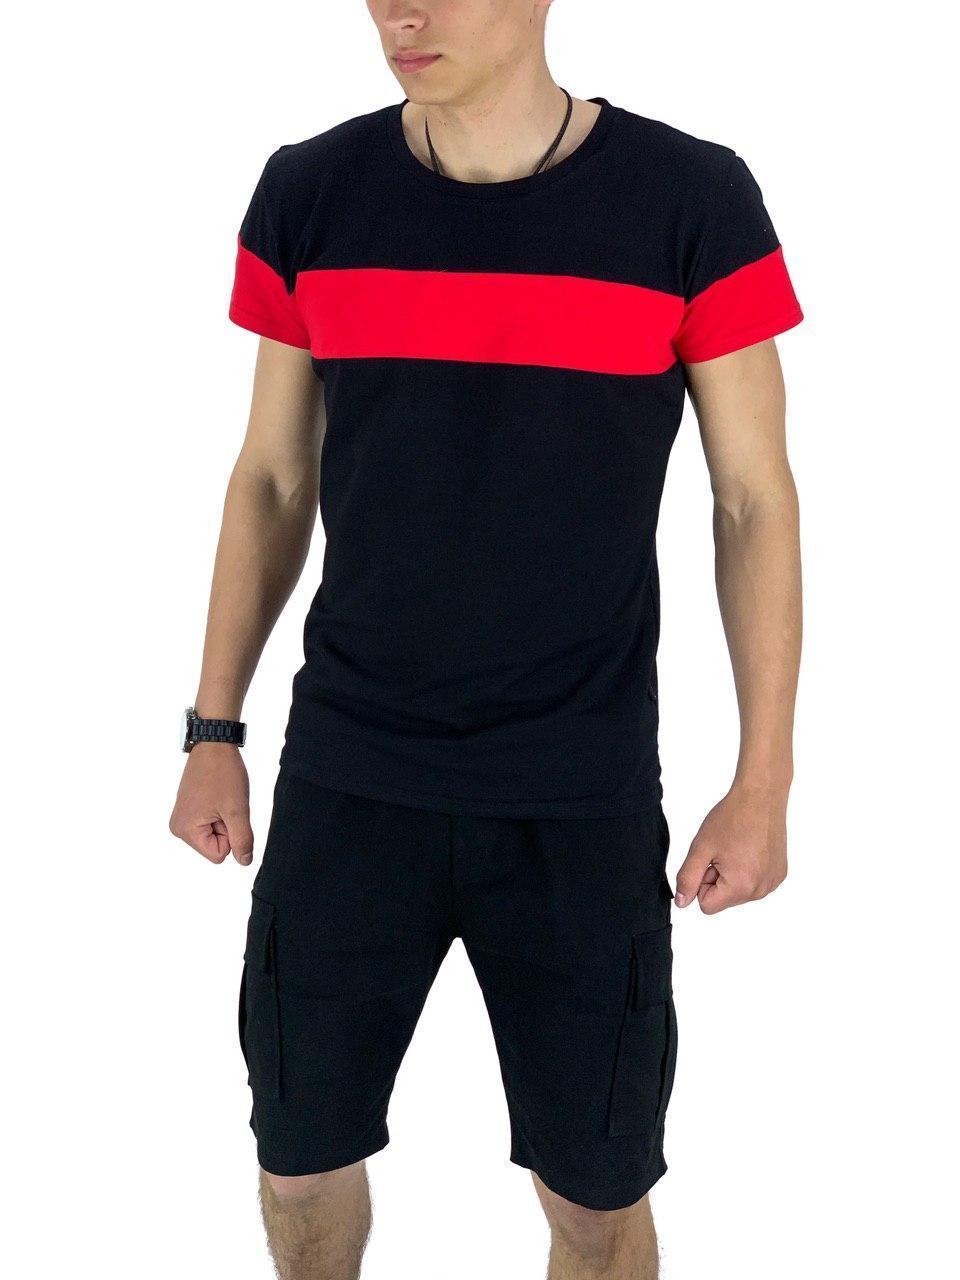 Комплект Футболка Color Stripe чорна - червона і Шорти Miami Чорні SKL59-259616